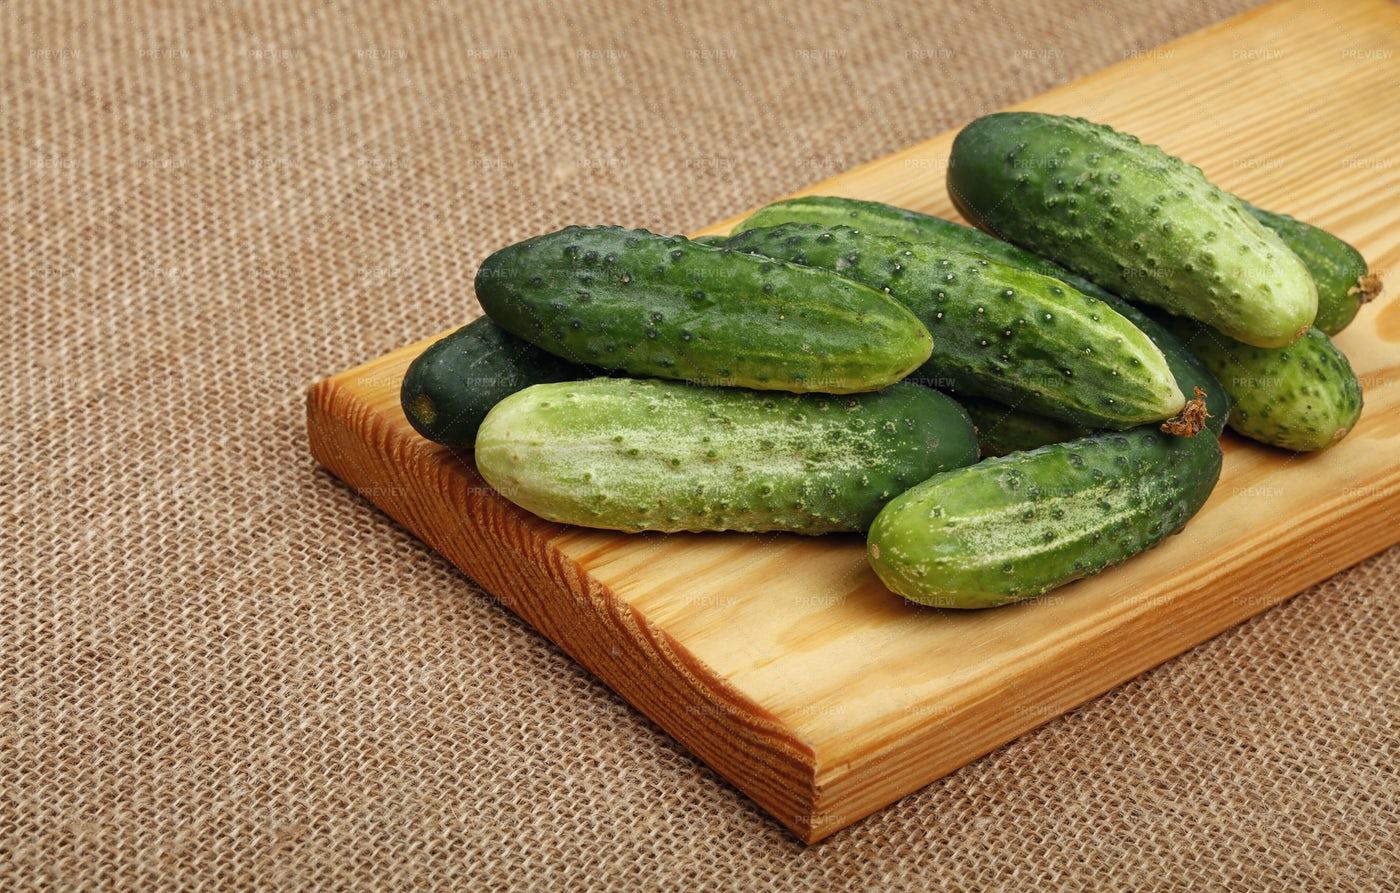 Cucumbers: Stock Photos